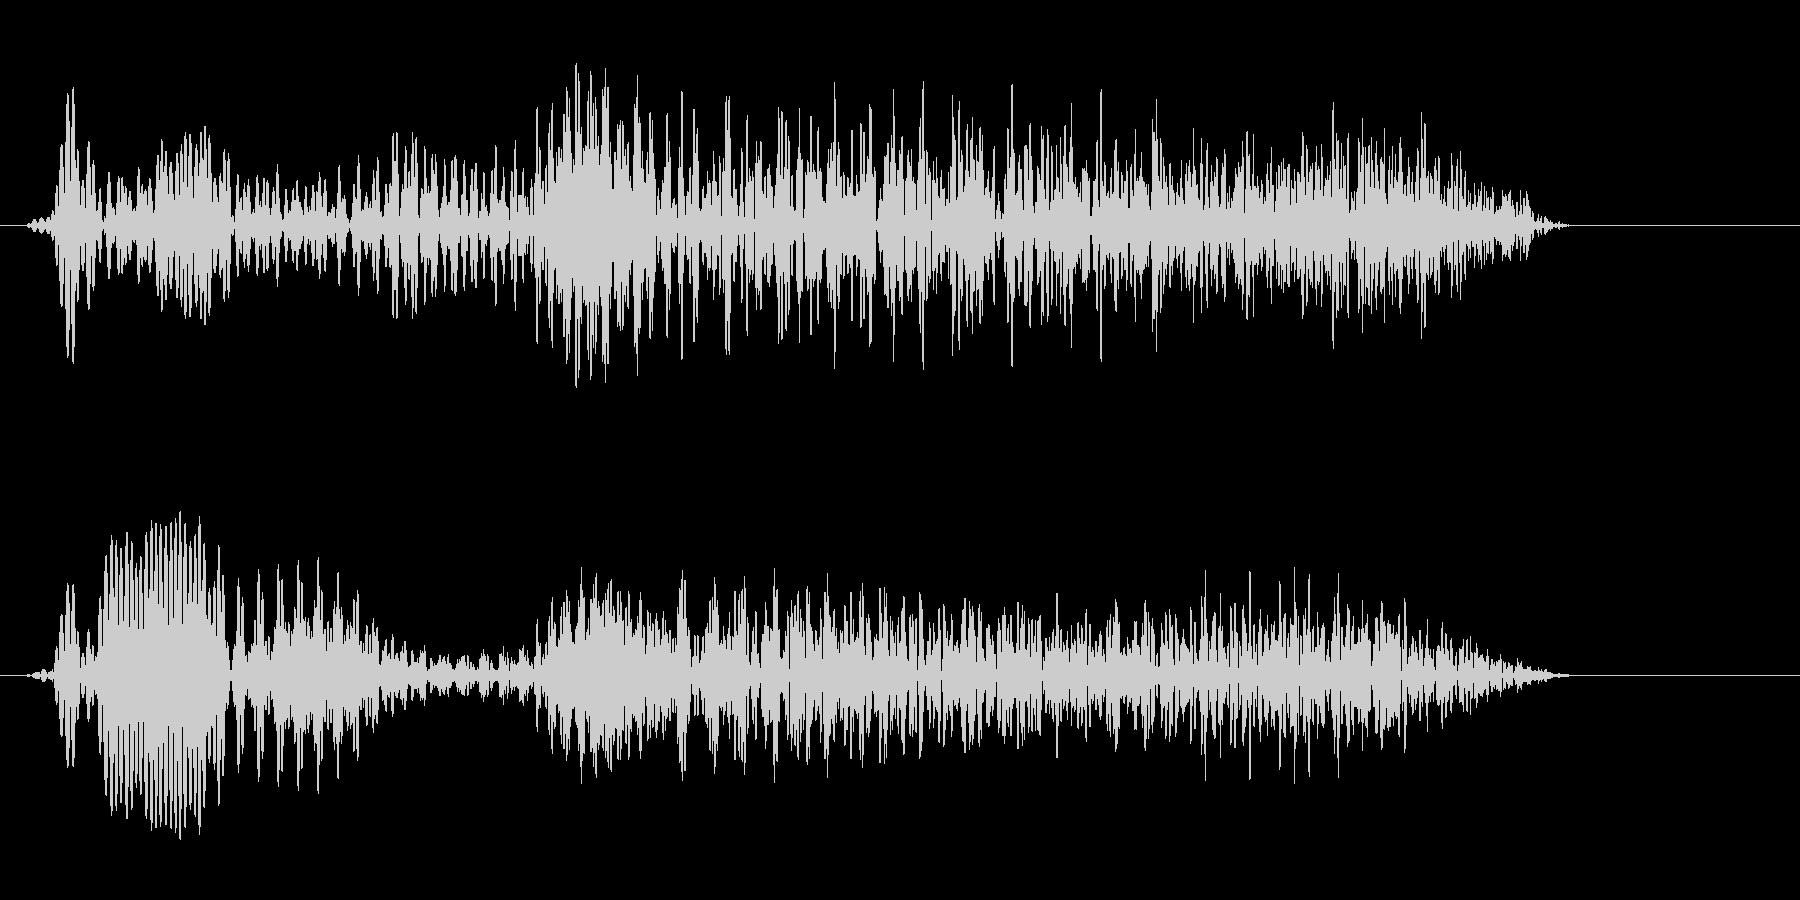 ワパァ(ロボットが発する音声)の未再生の波形